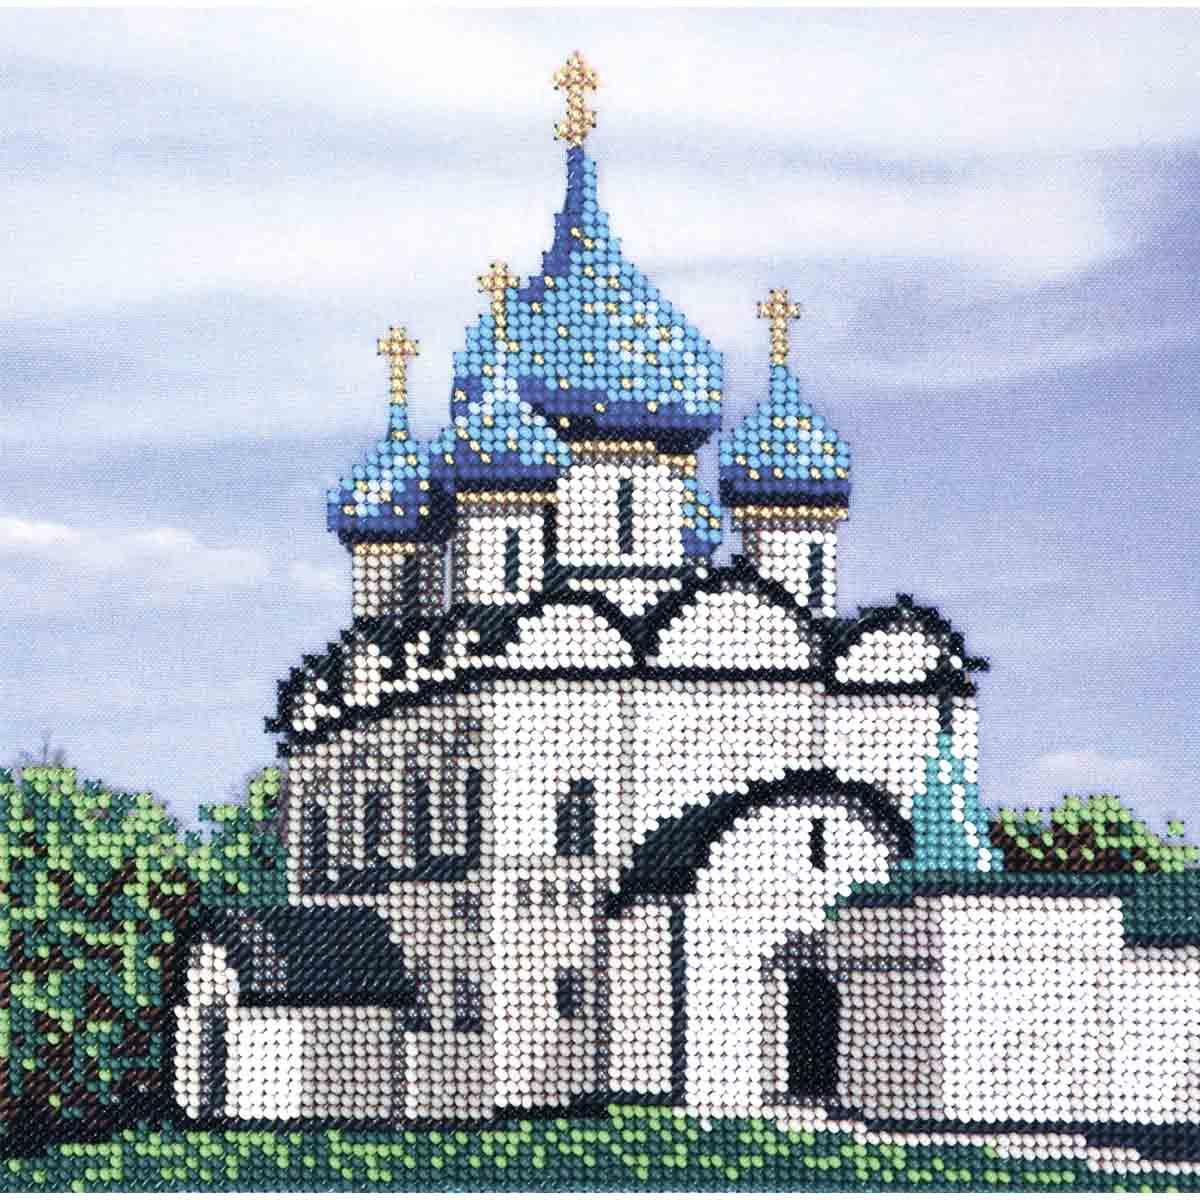 З-108 Набор для вышивания бисером'Созвездие'серия 'Золотое кольцо'.Суздальский кремль 20*20 см